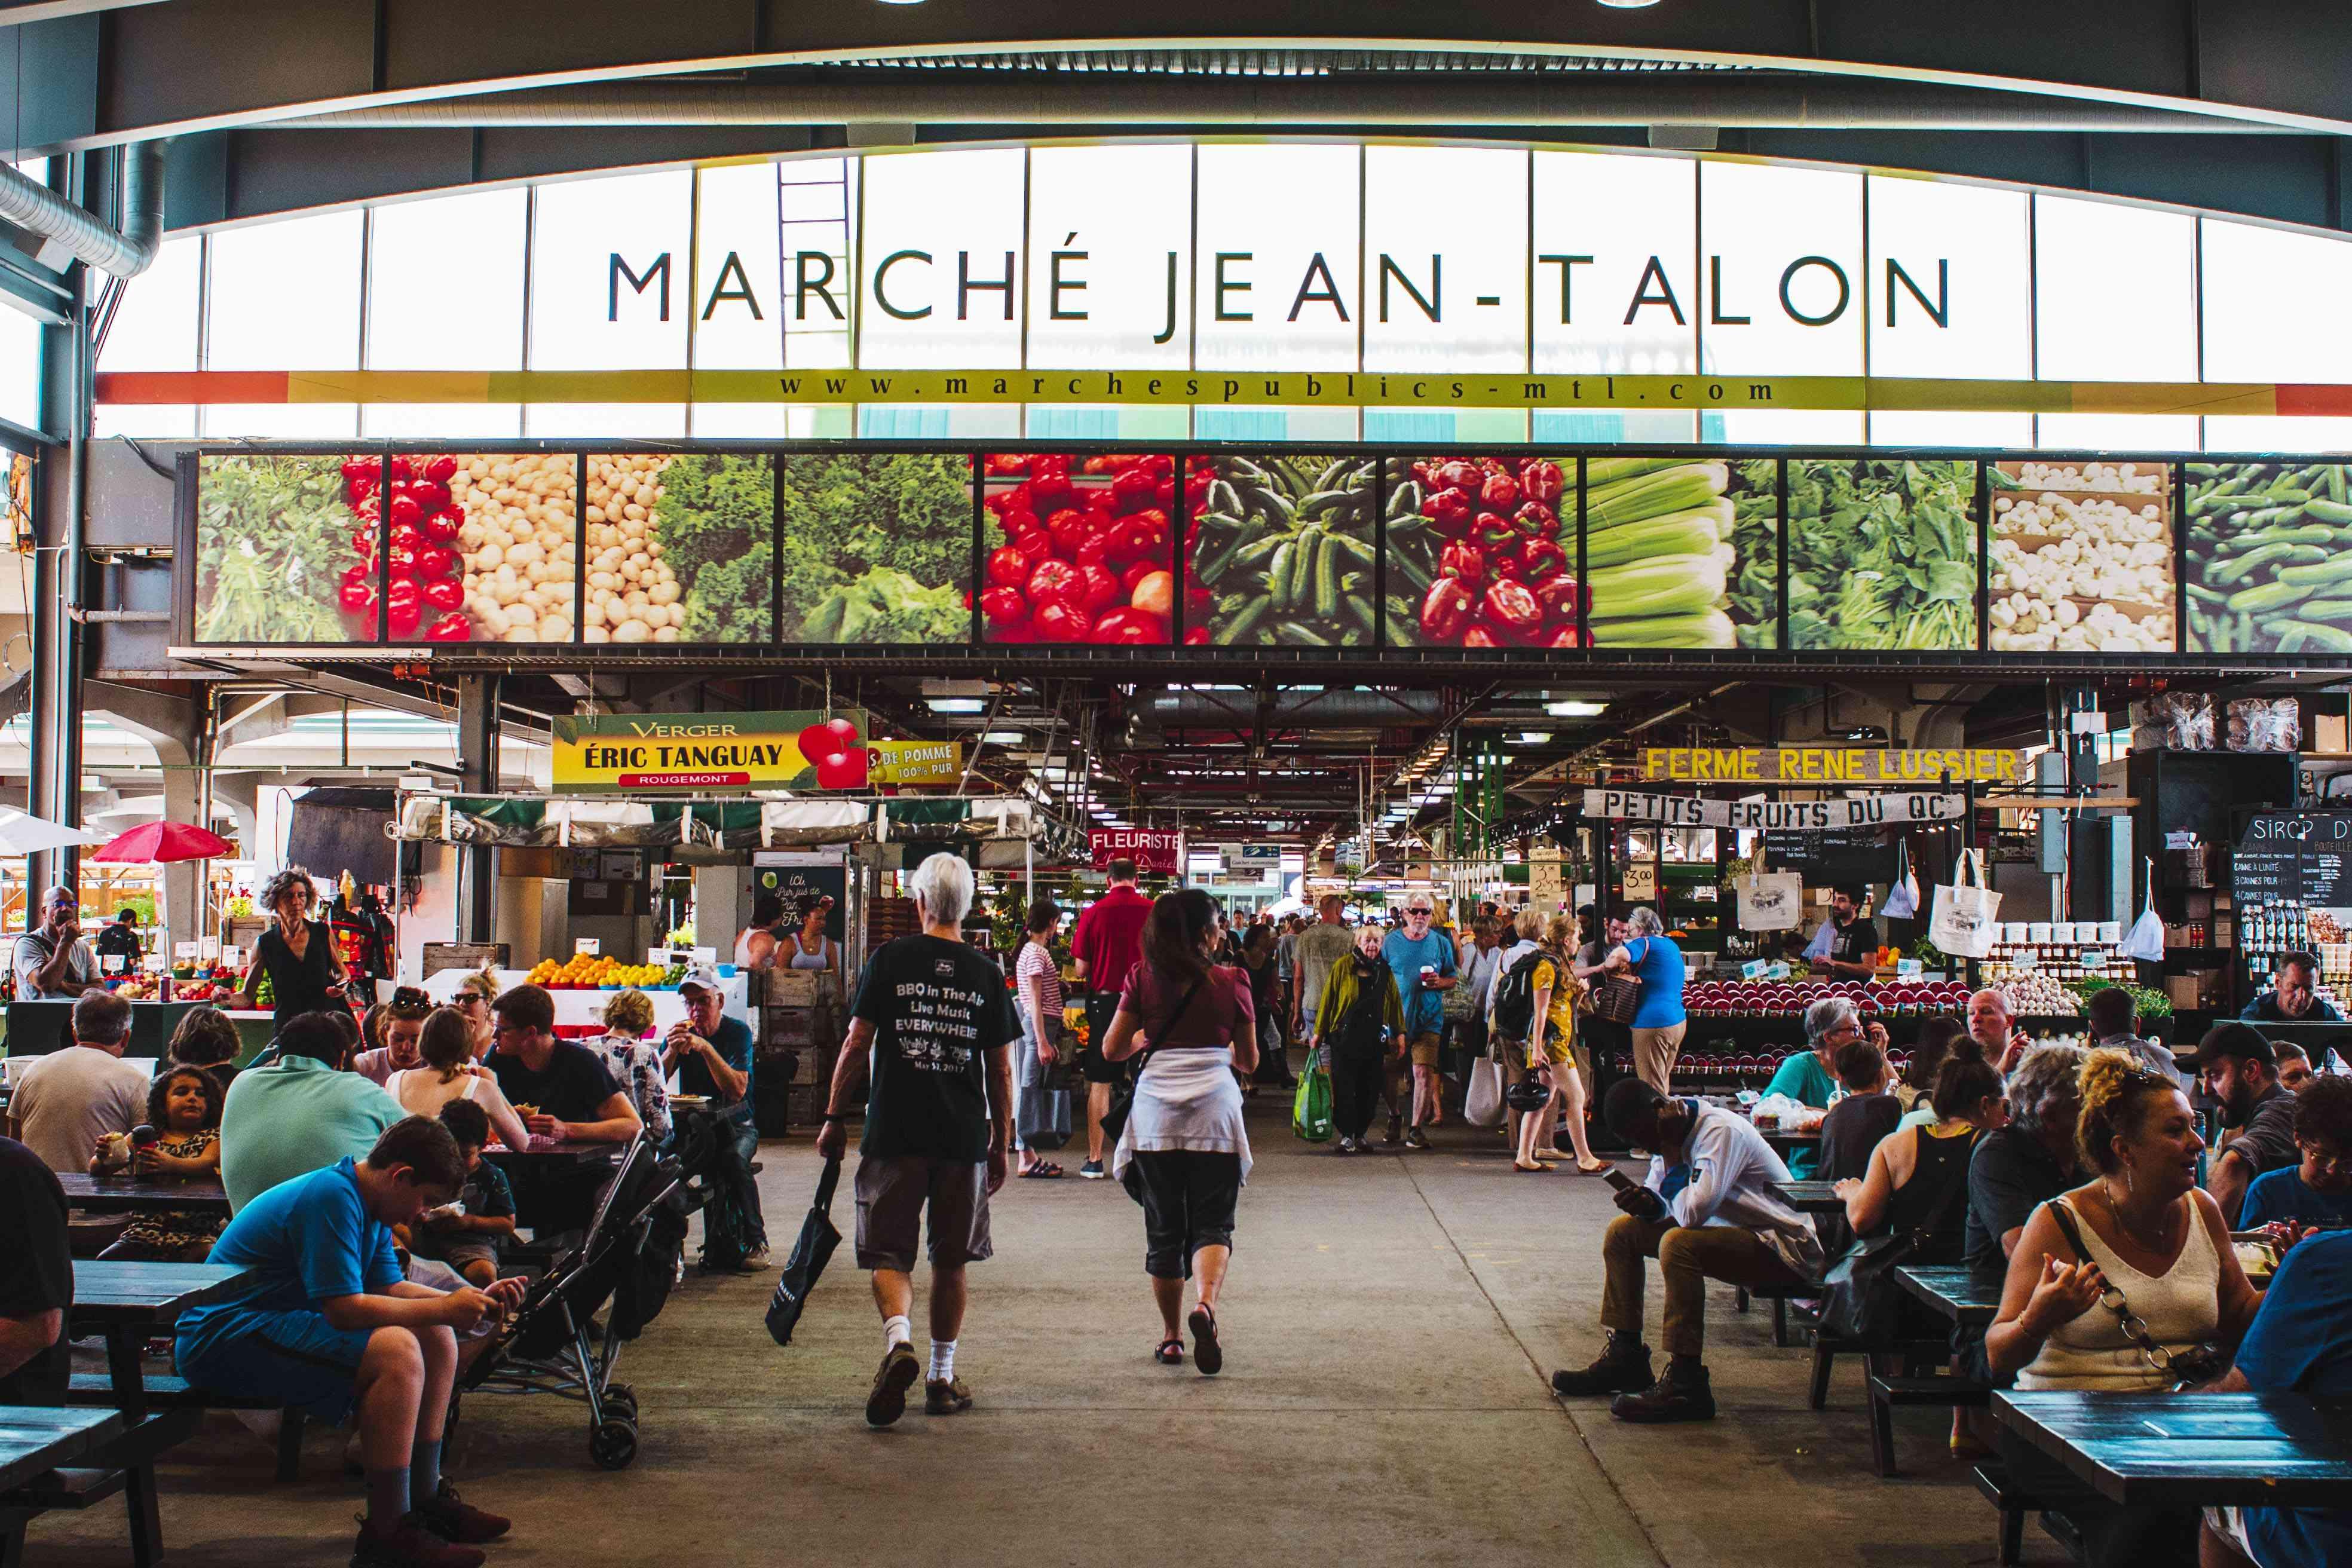 Seating area at Jean Talon Market